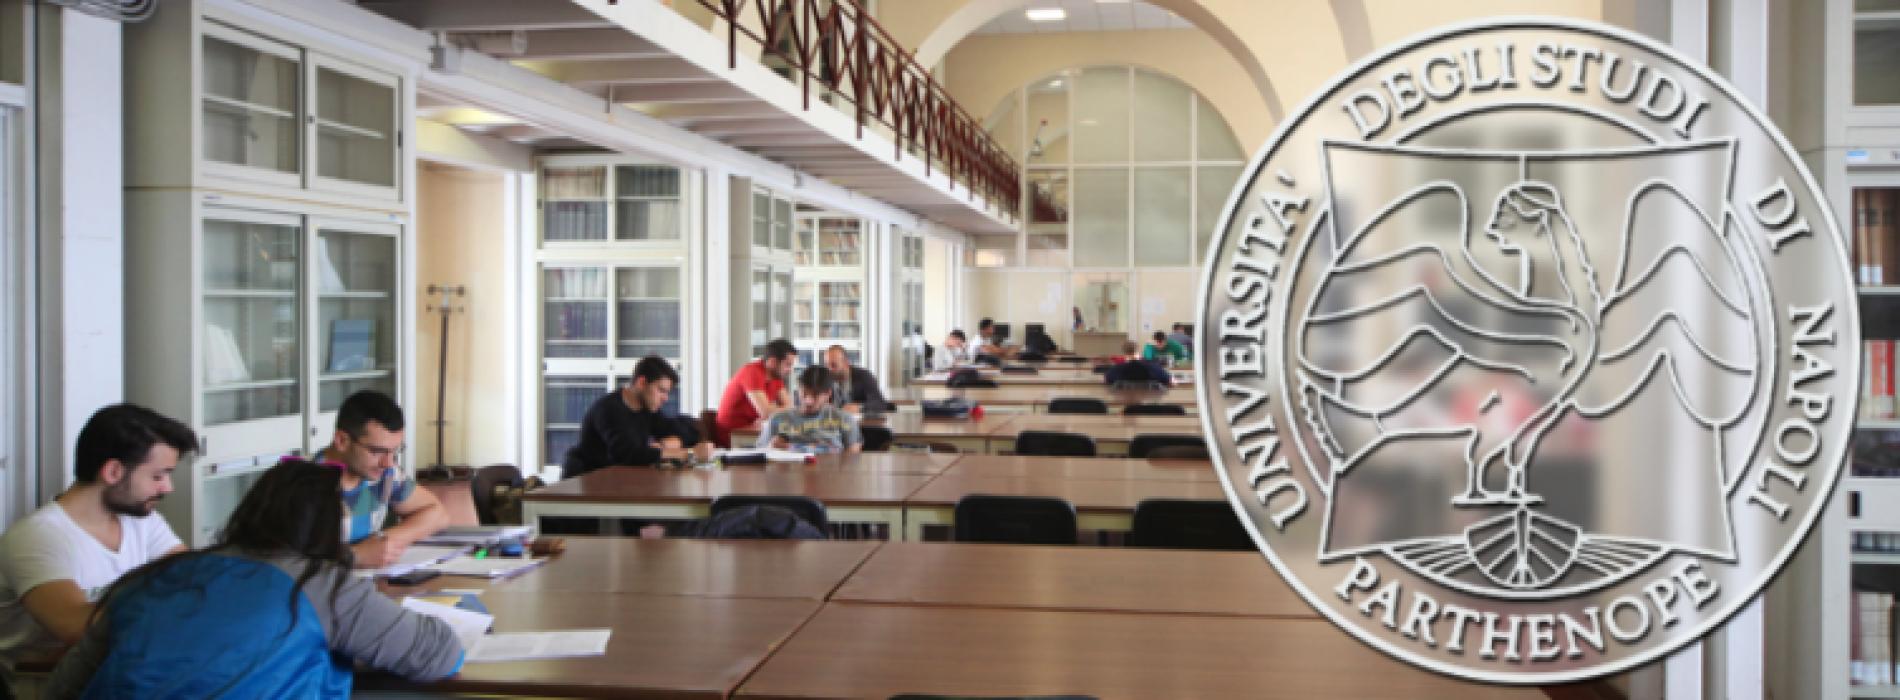 Le sfide attuali. Ciclo di webinar dell'Università Parthenope